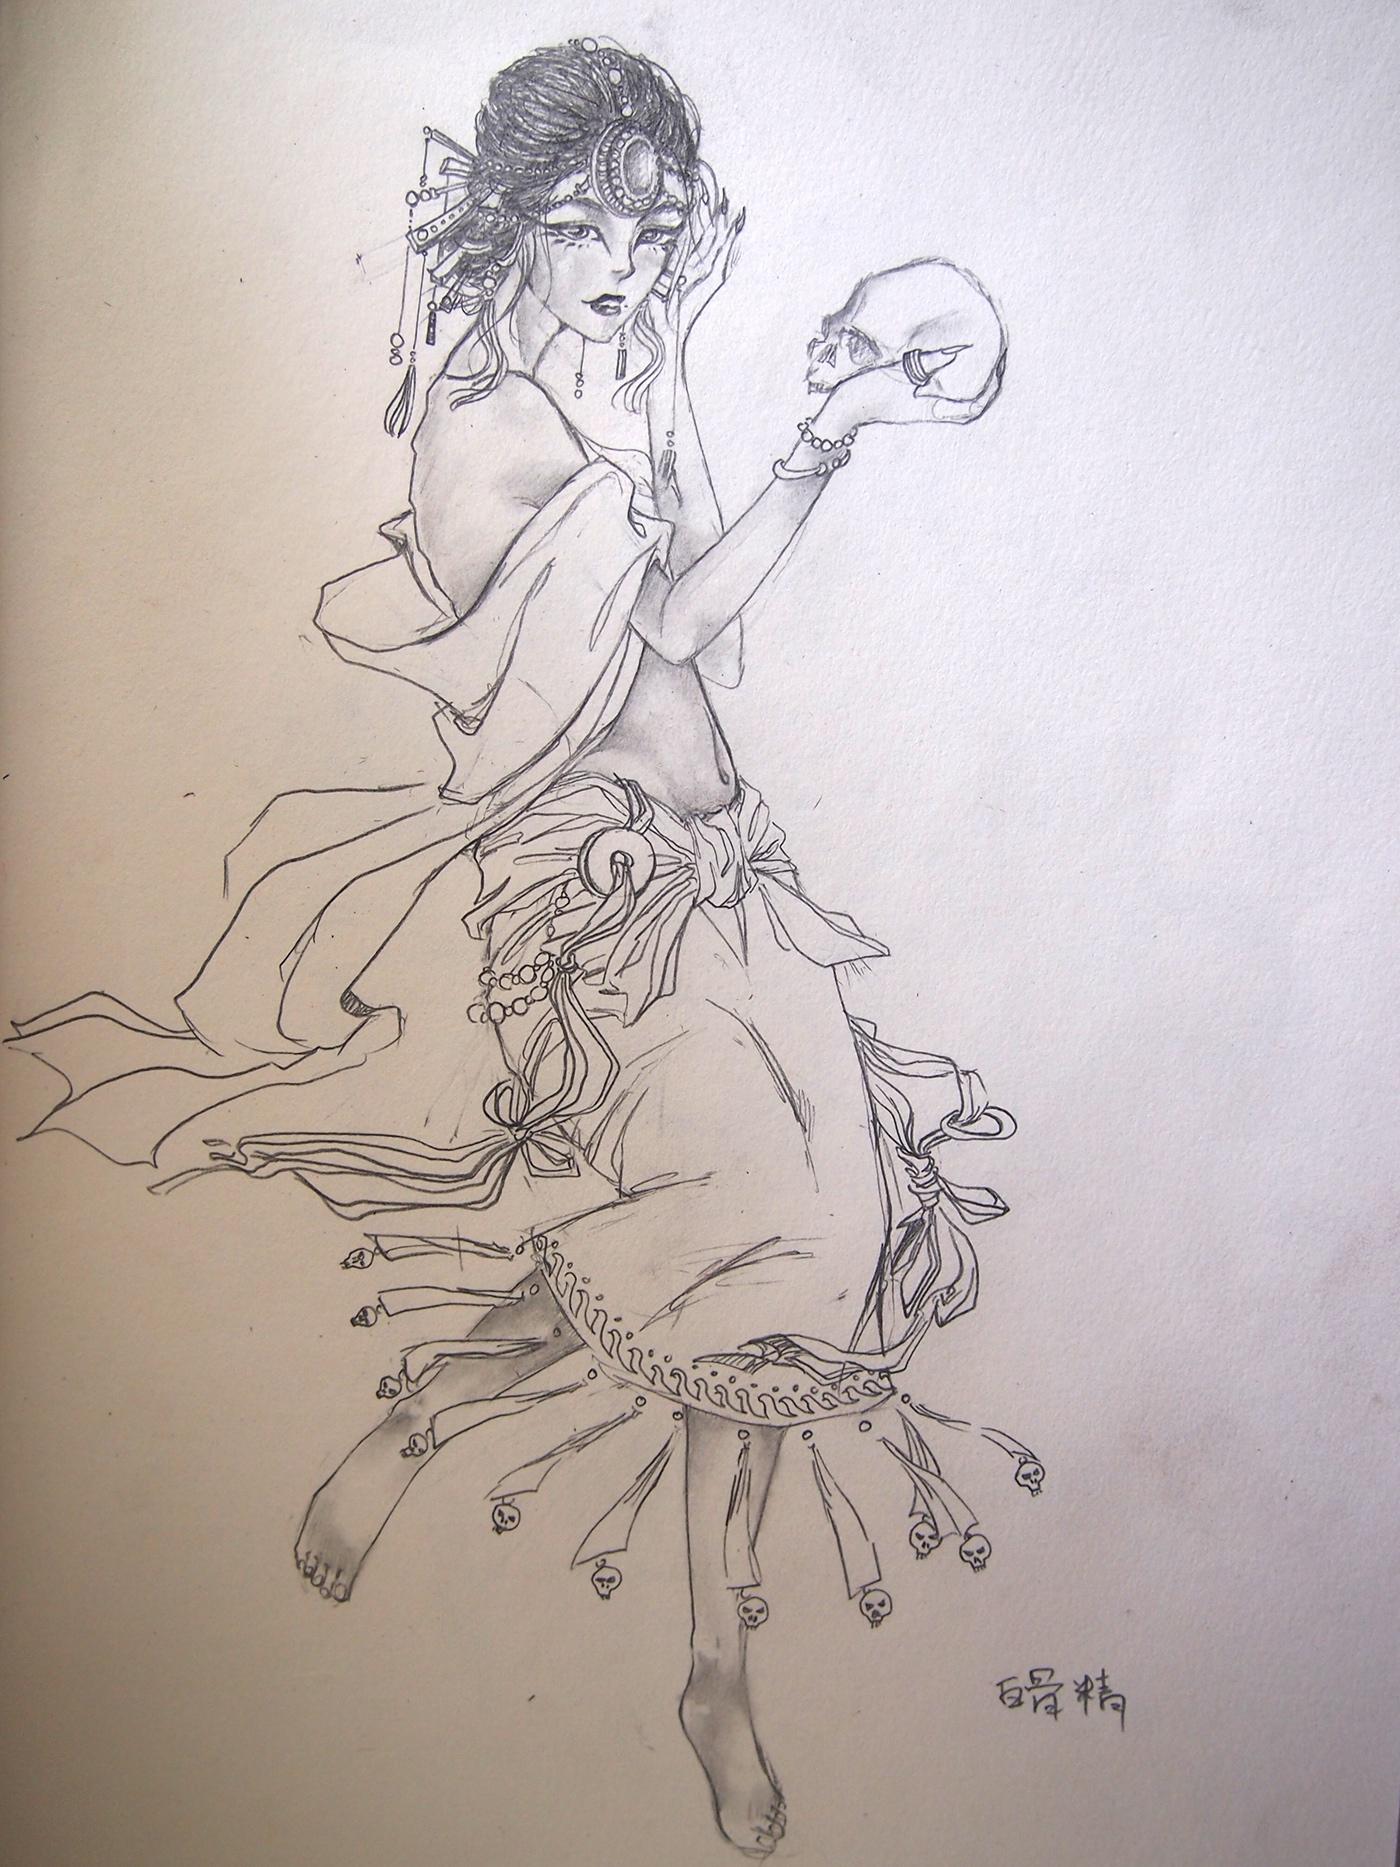 asian-mythology-drawingstures-sluts-nude-fucking